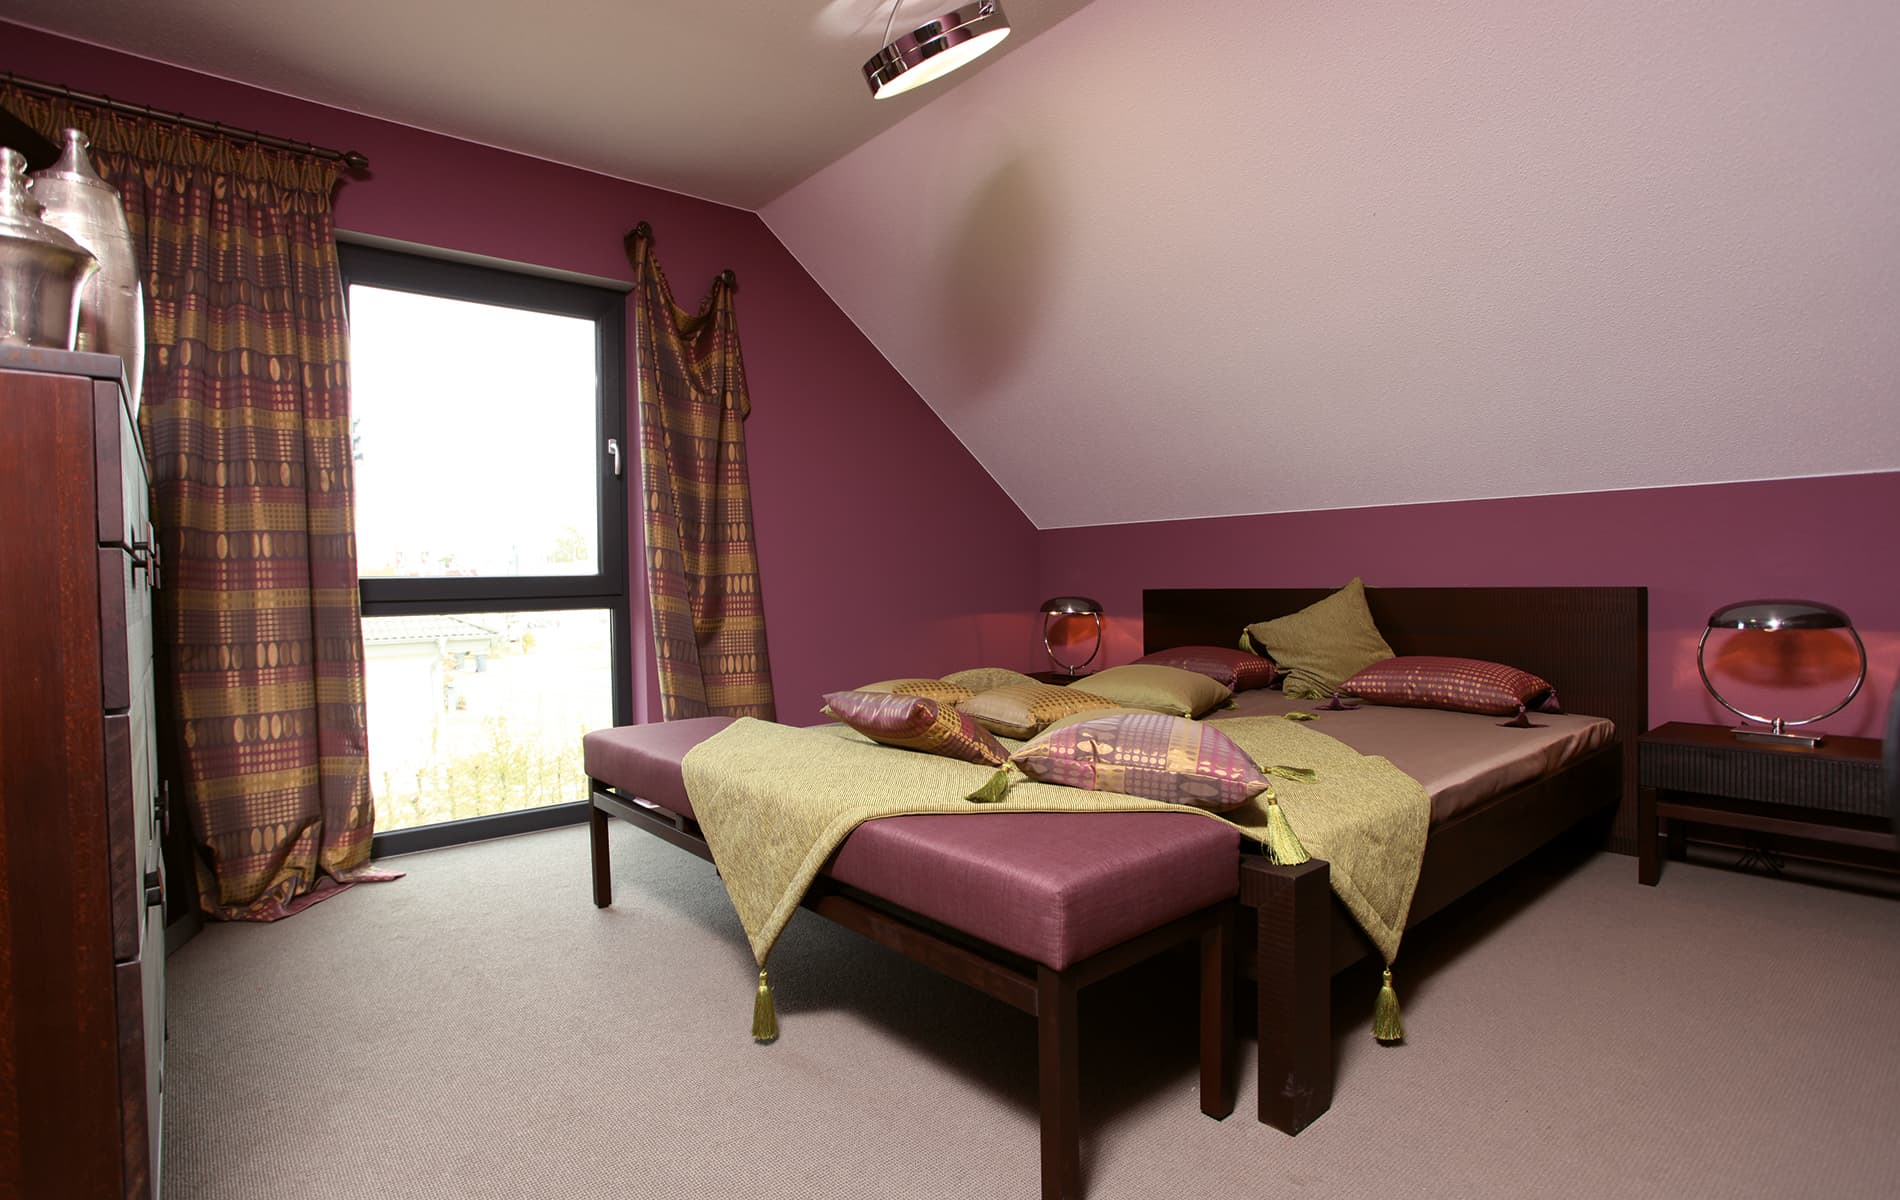 MEDLEY 3.0 - Koblenz - gemütliches Schlafzimmer